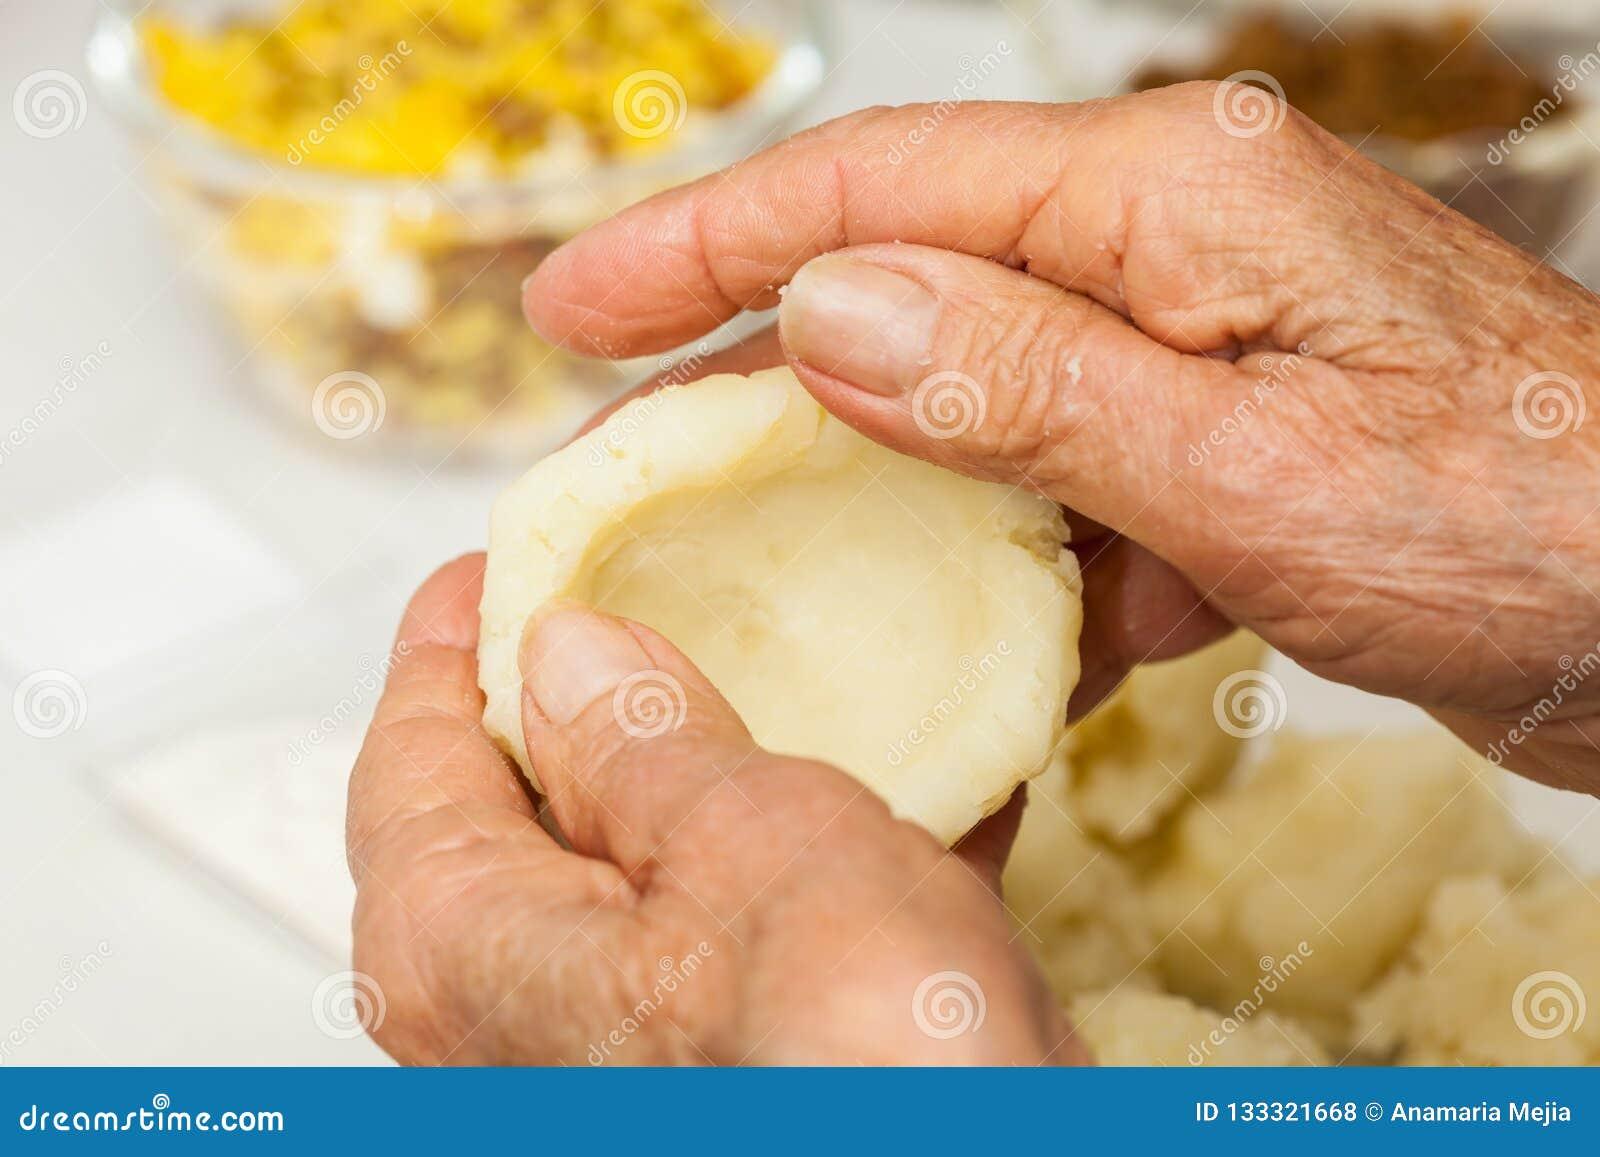 Les étapes de préparation du plat colombien traditionnel ont appelé les pommes de terre bourrées